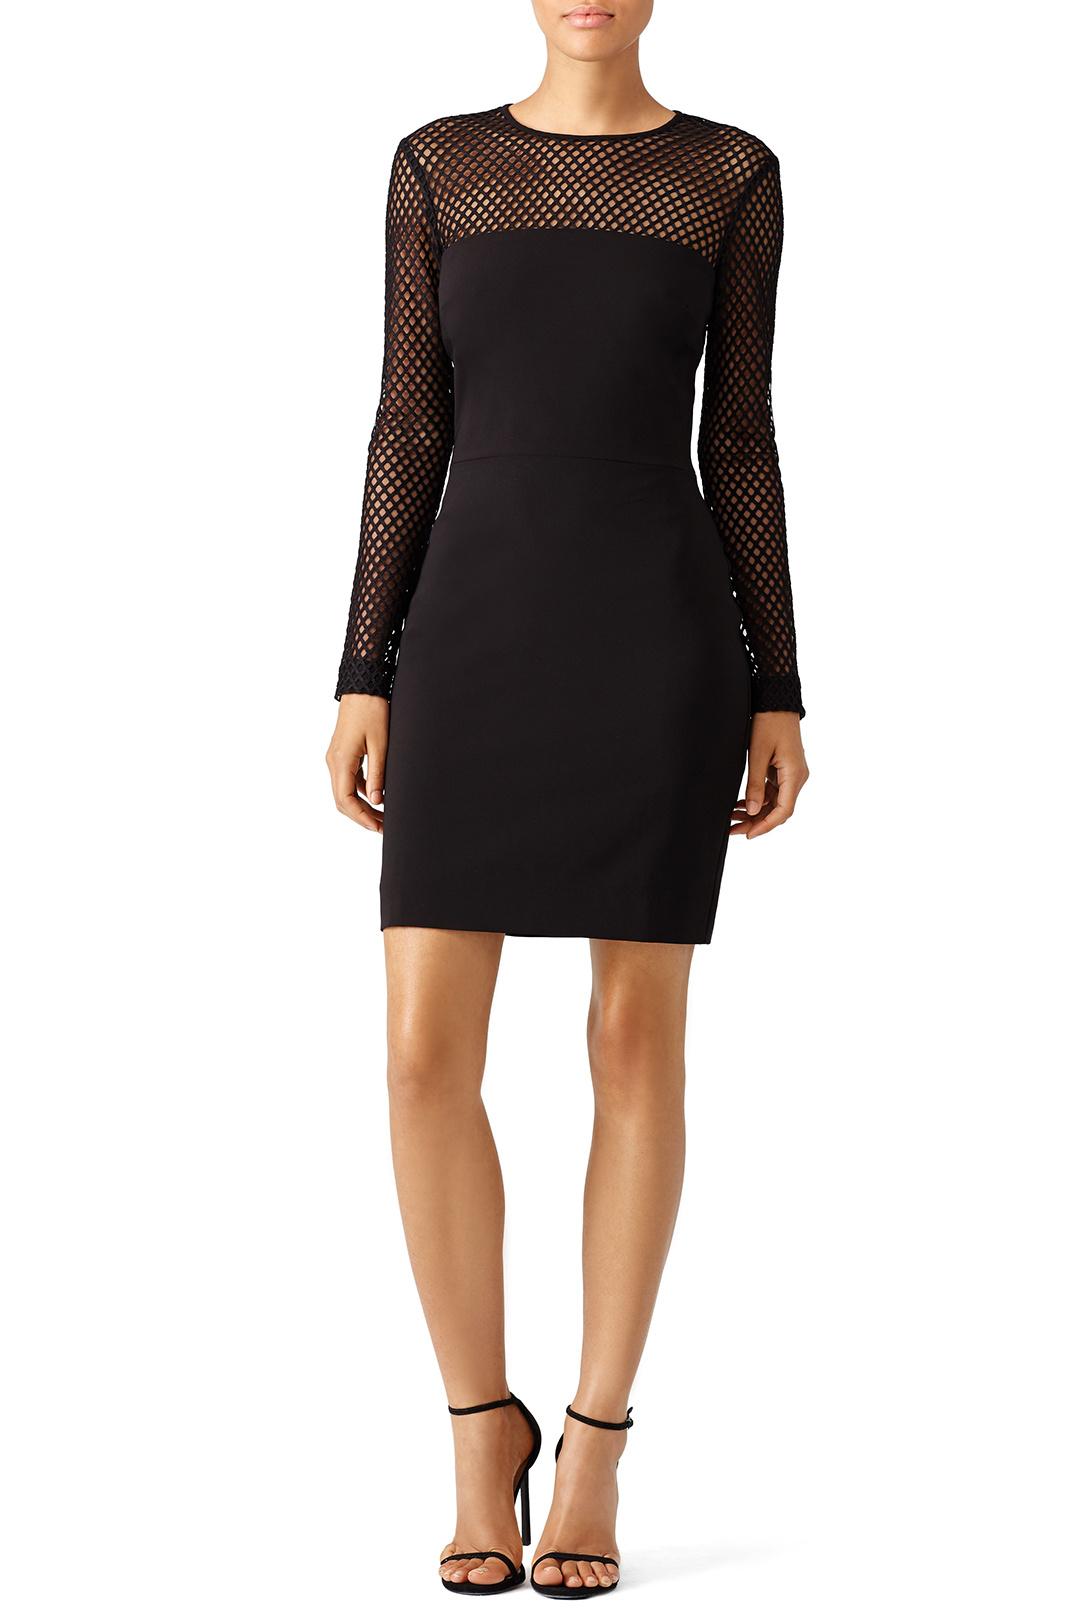 Nicole Miller Black Openwork Crepe Dress